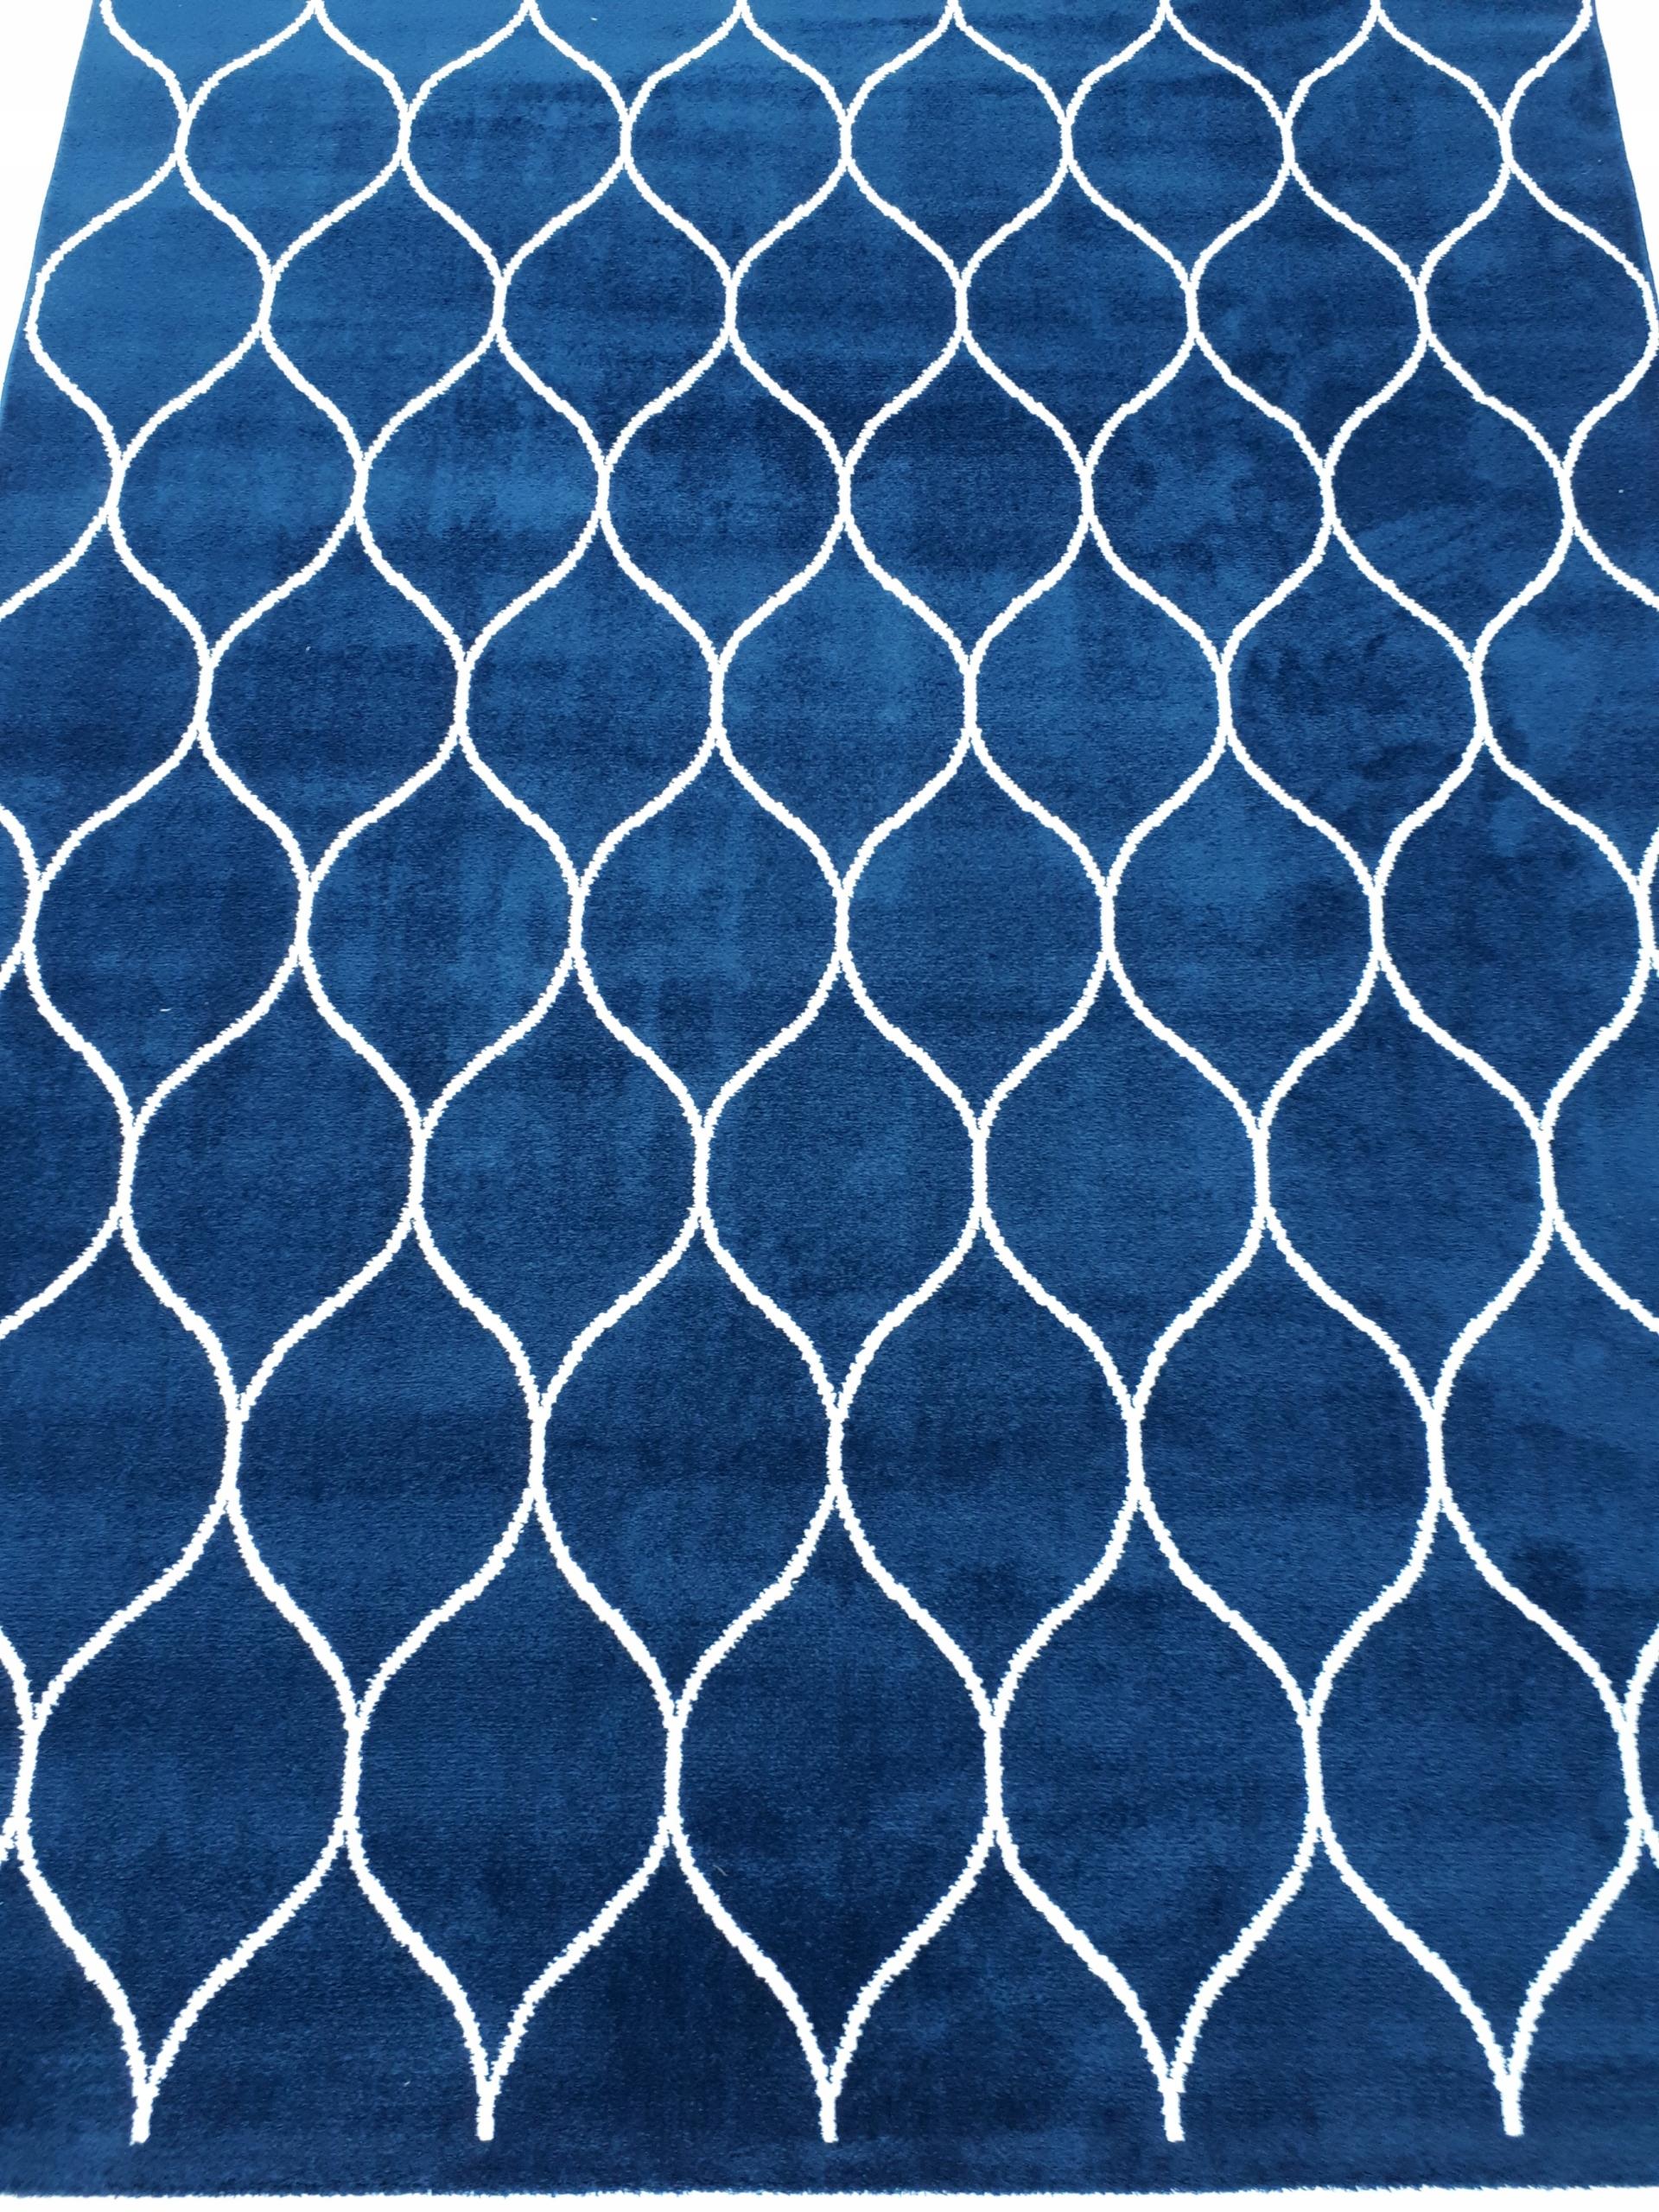 Koberec Koberec 160x230 mäkké, ďatelina, tmavo modrá, biela